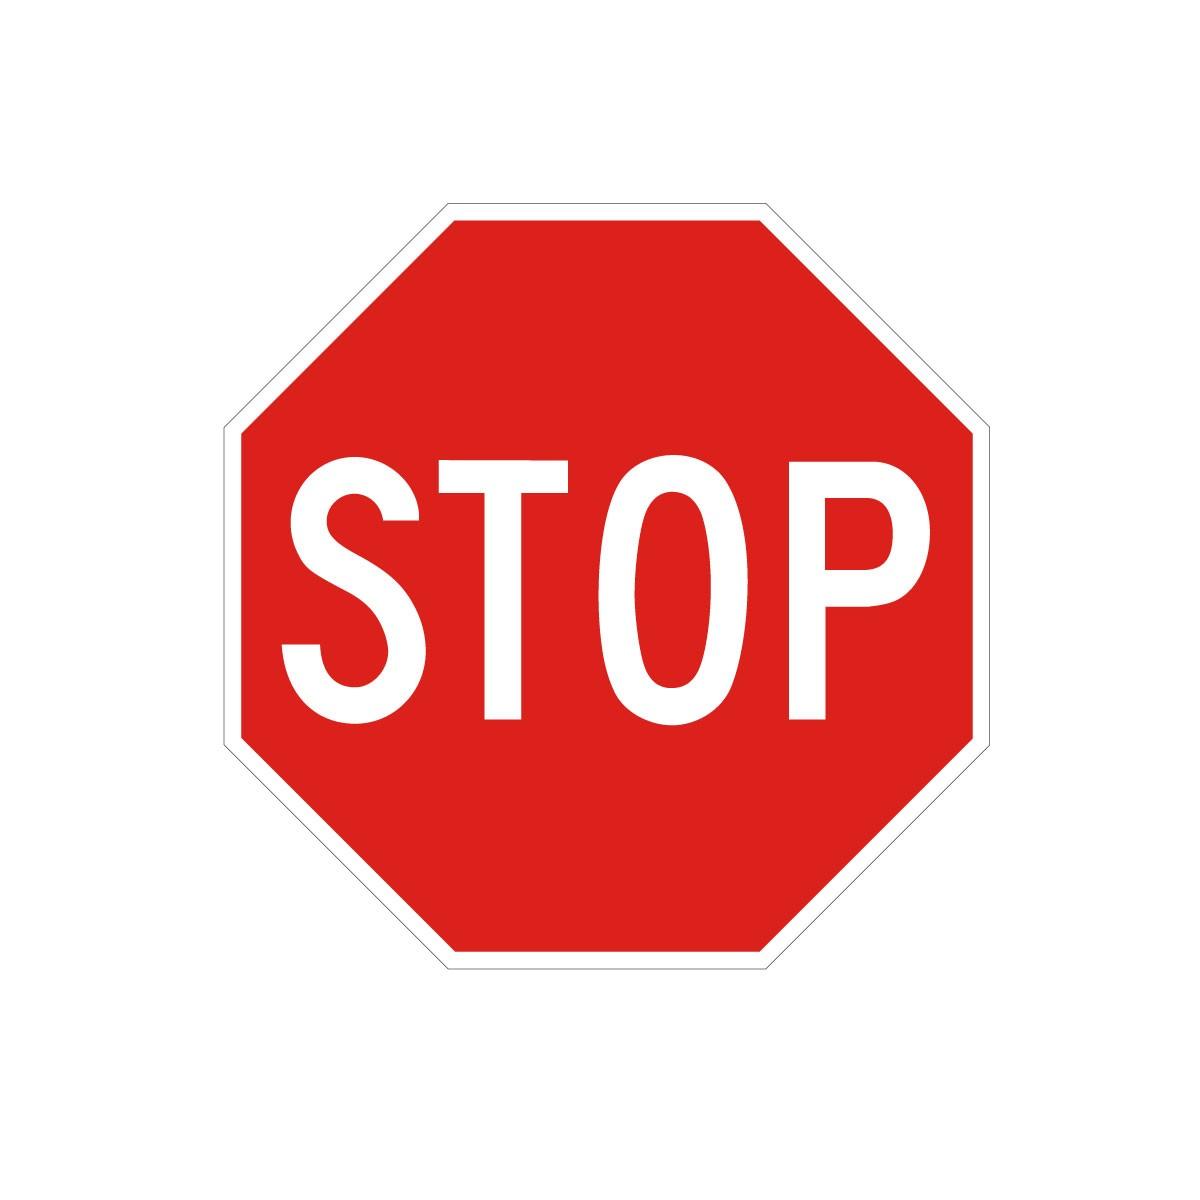 Señal de circulación R2 STOP - Señalización y Seguridad